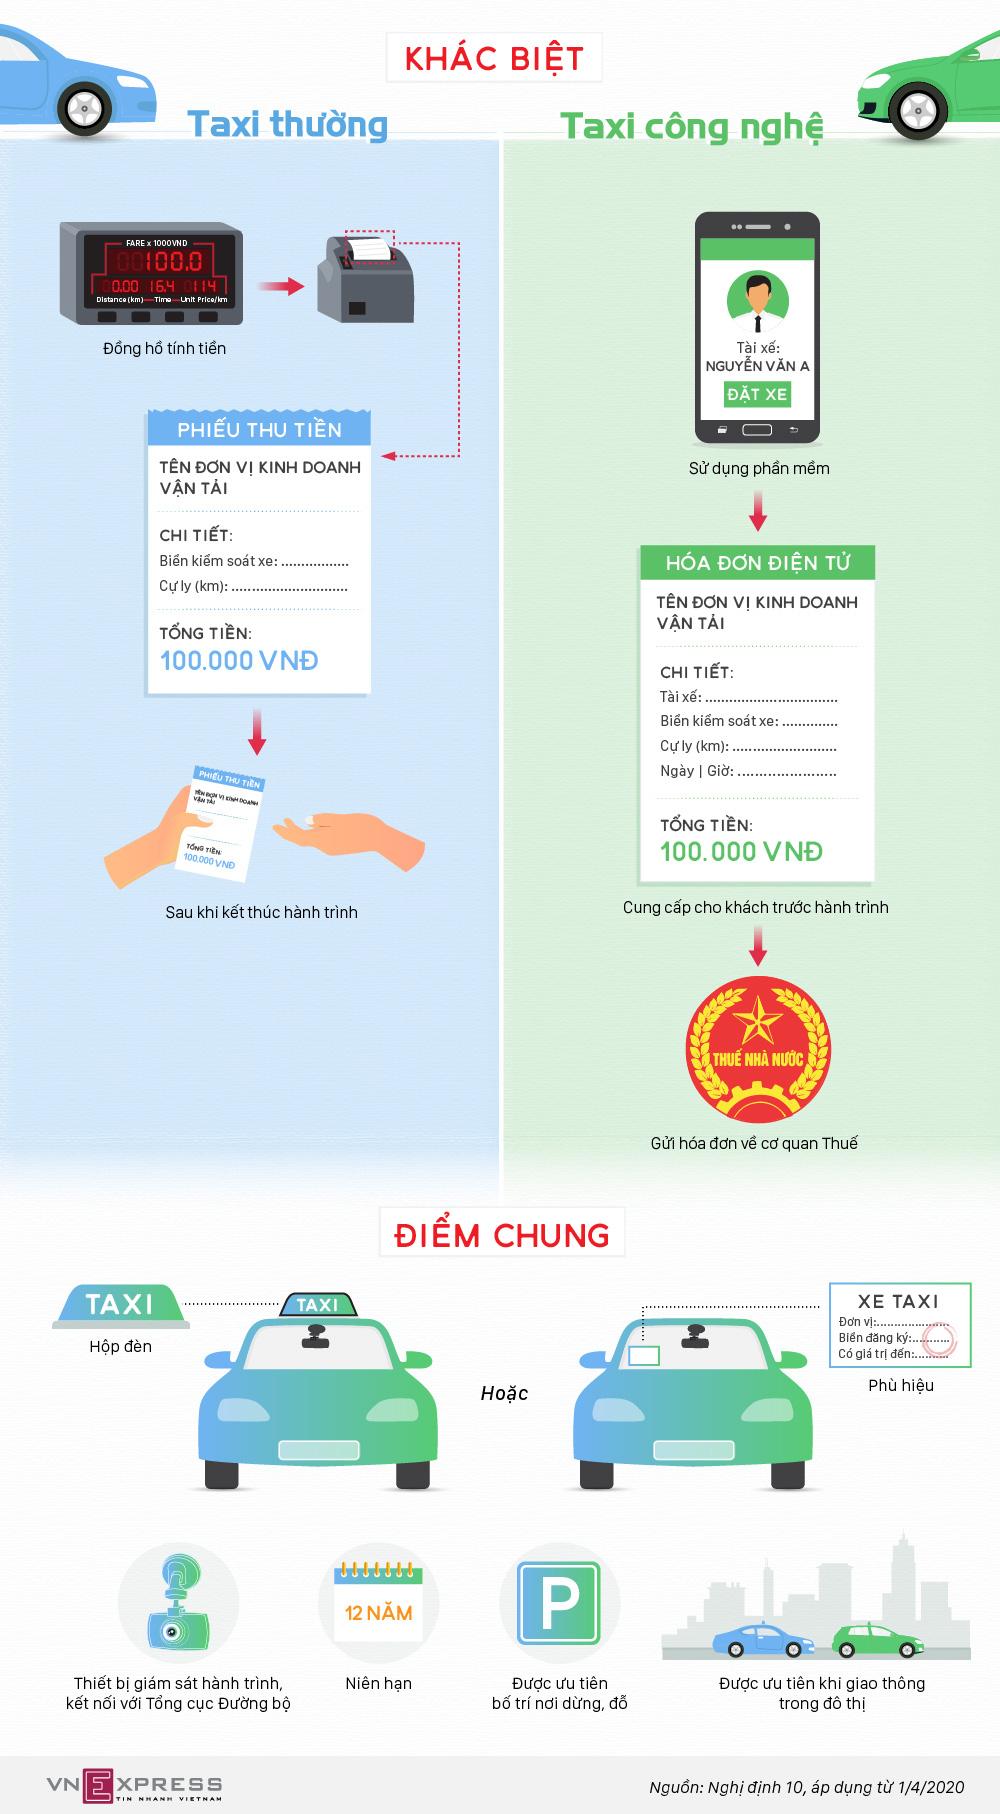 Taxi công nghệ khác taxi truyền thống thế nào? - Ảnh 1.